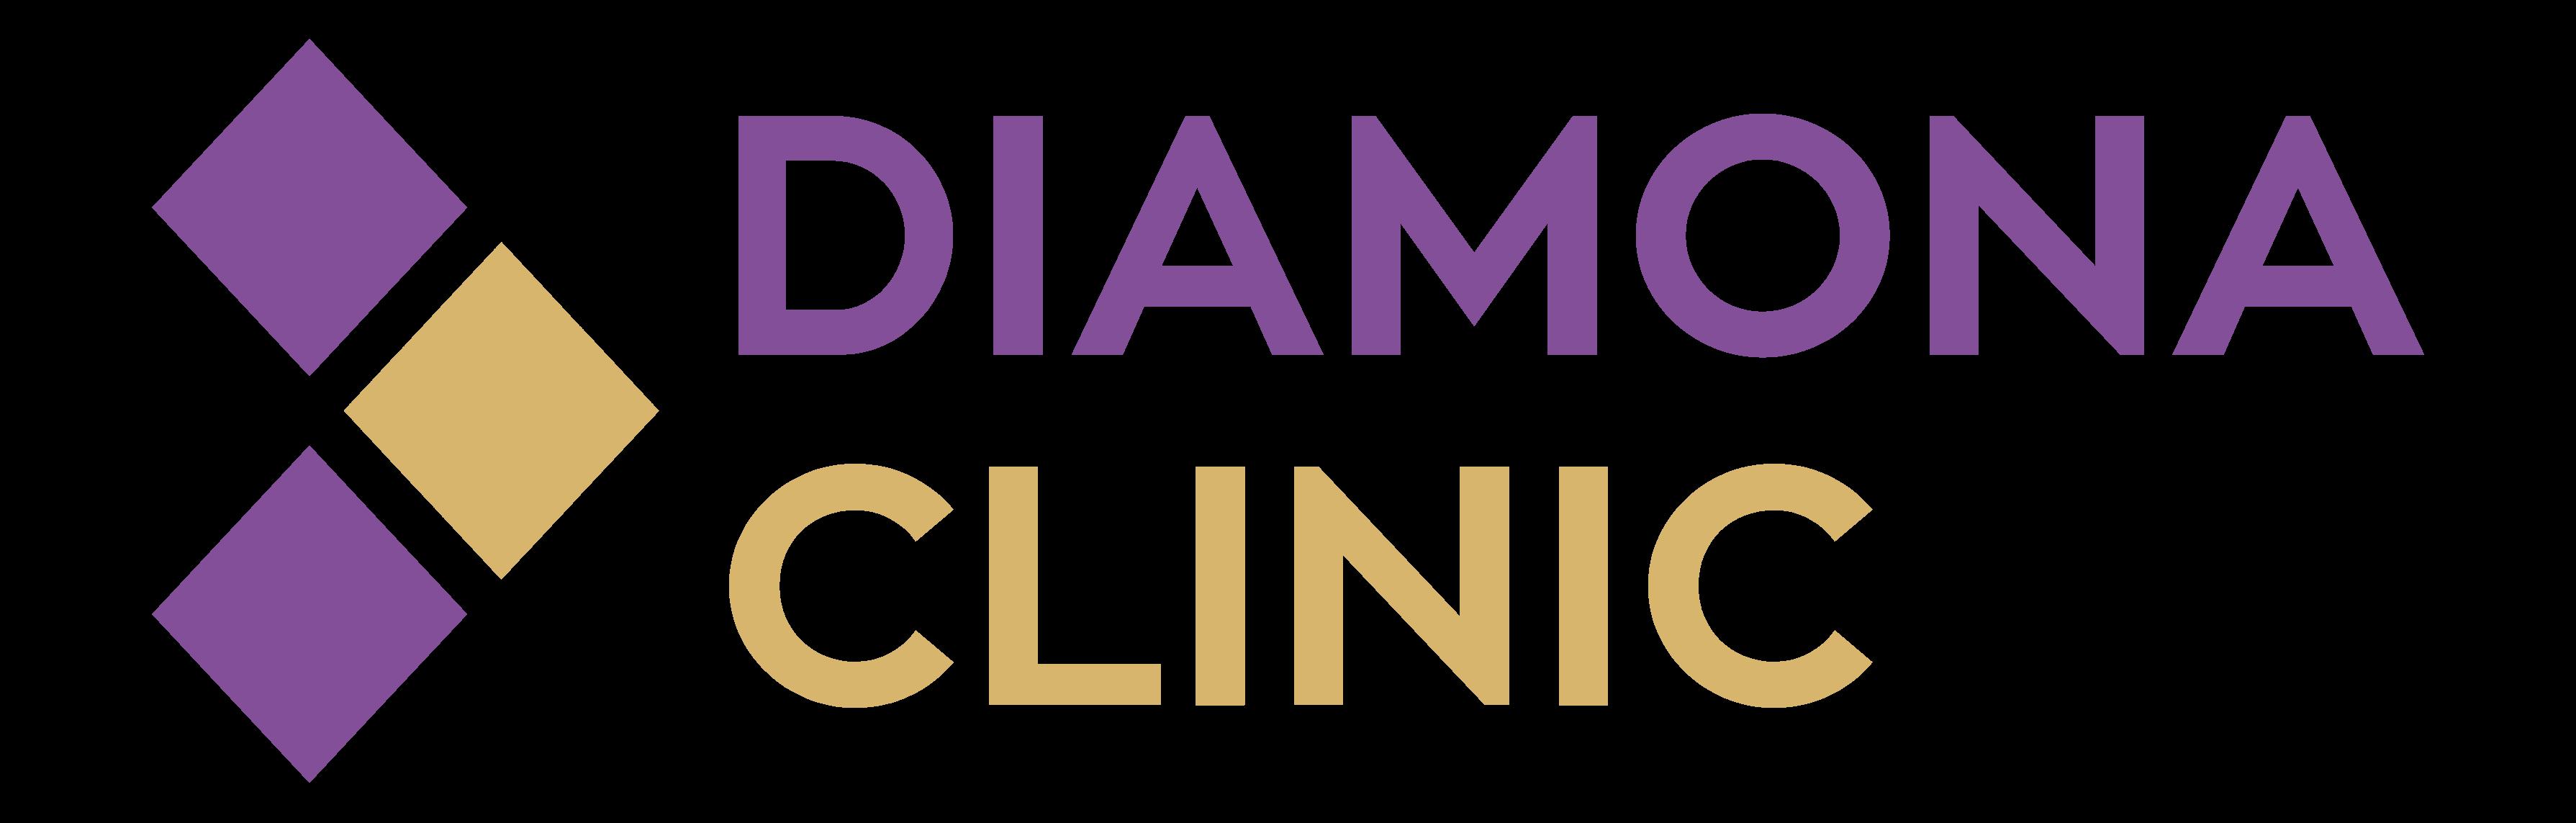 DIAMONA CLINIC